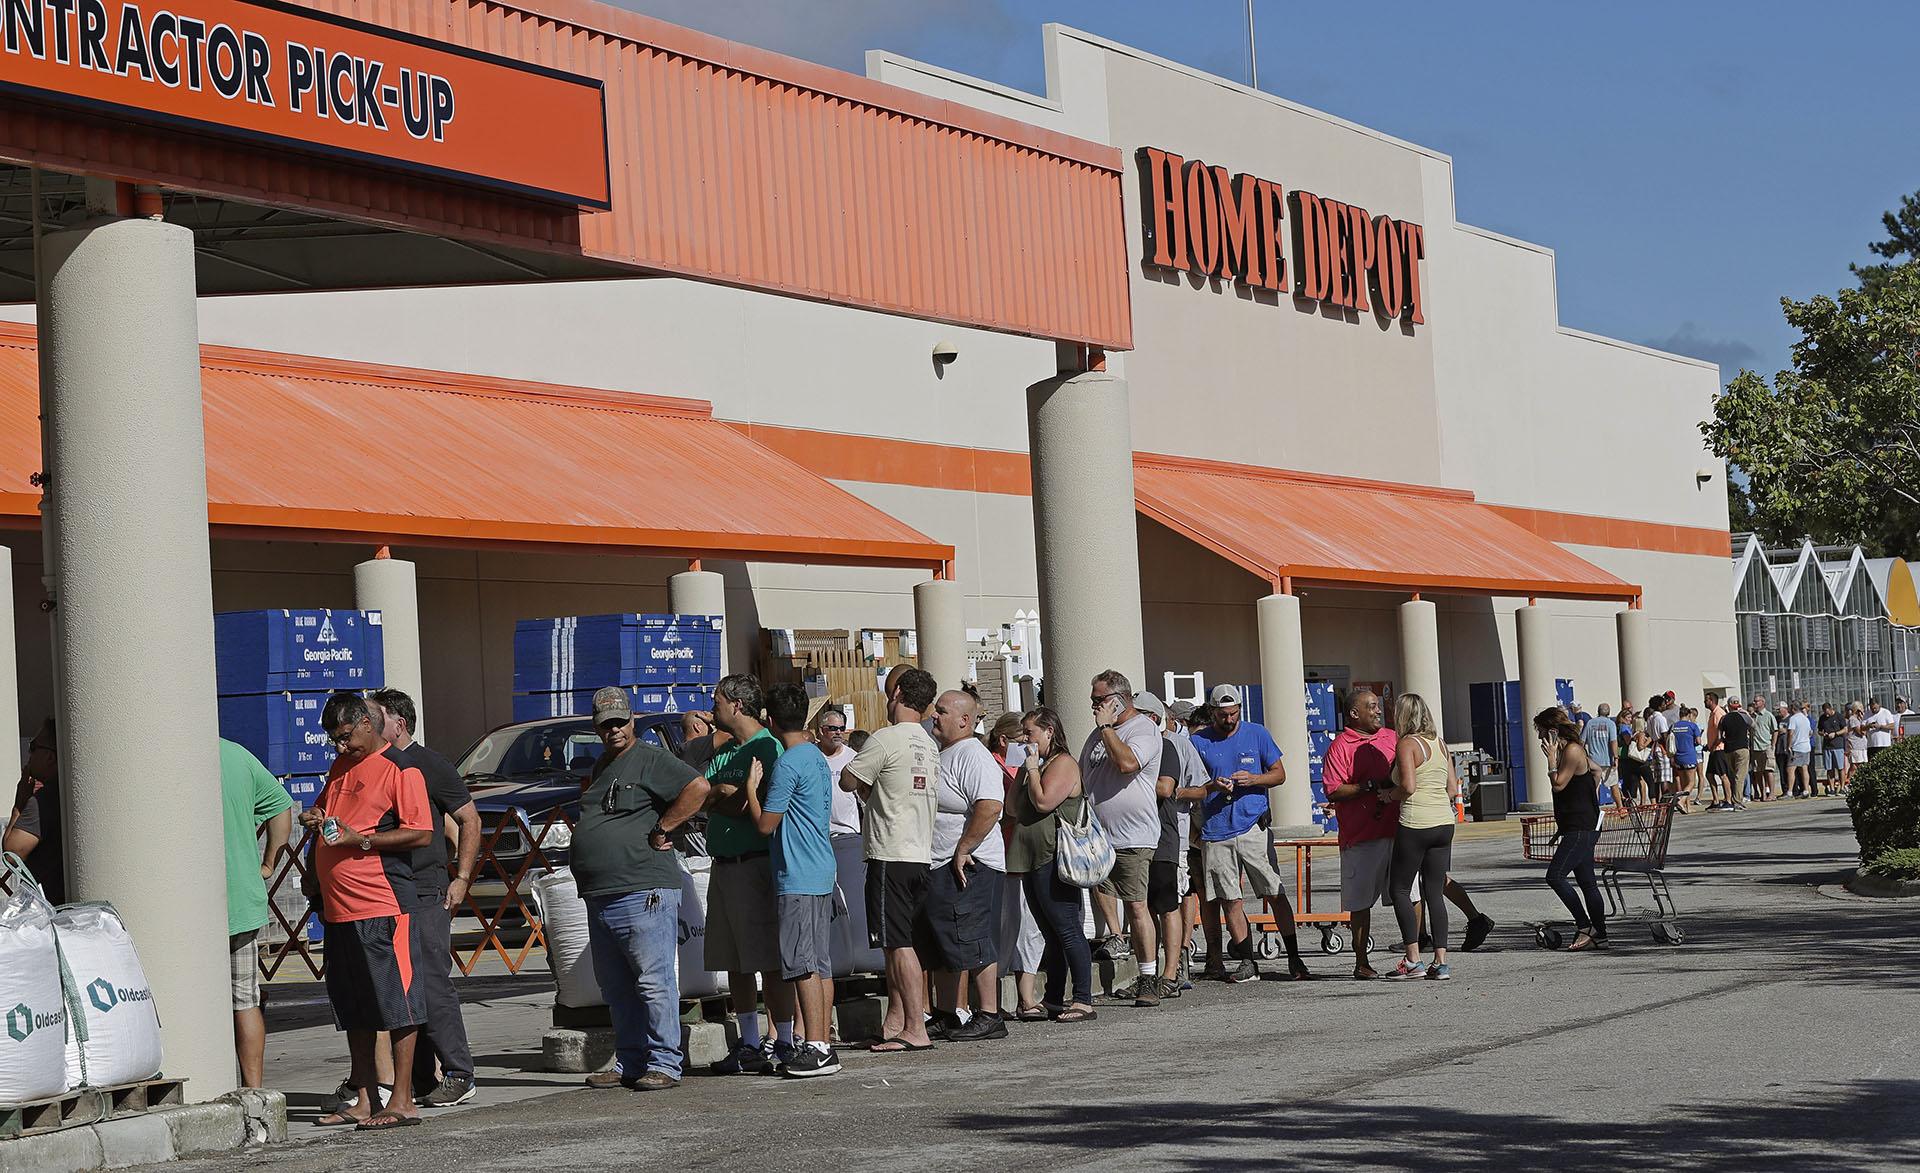 Las personas se alinean frente a Home Depot para abastecersede generadores y contrachapados antes del huracán Florence en Wilmington, Carolina del Norte (AP Photo/Chuck Burton)